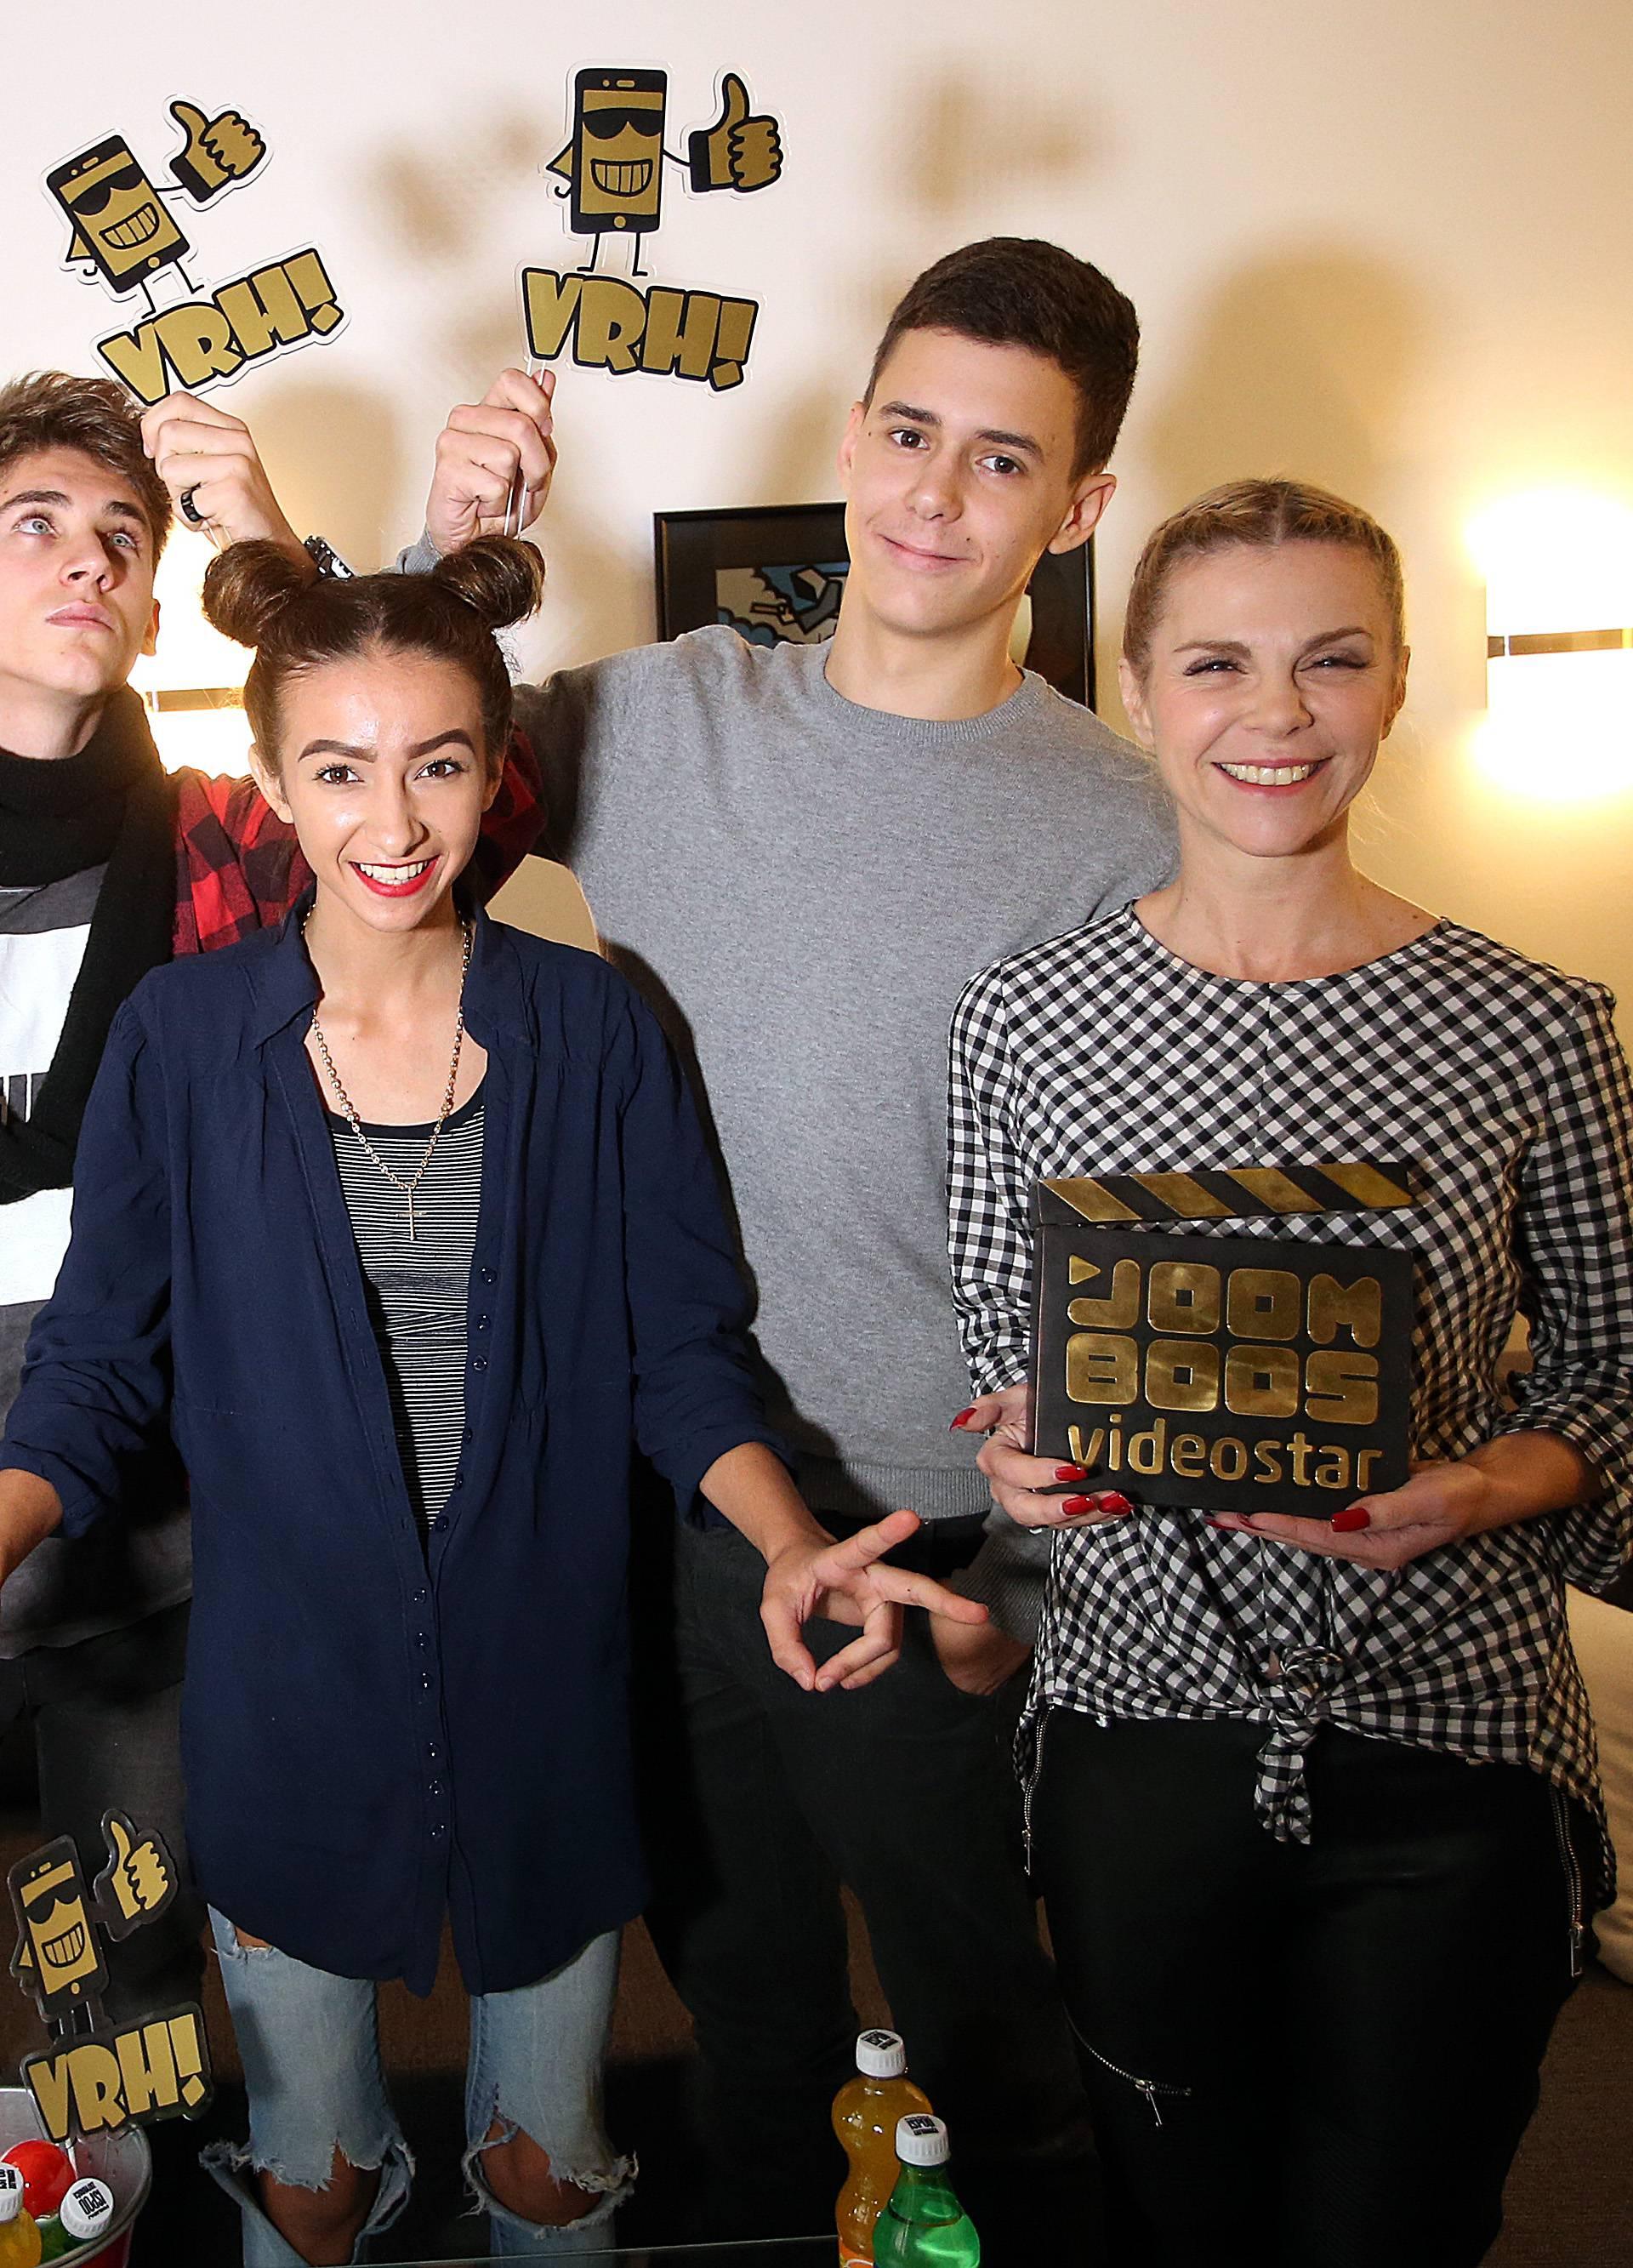 Nemoj propustiti ovu priliku: Postani nova YouTube zvijezda